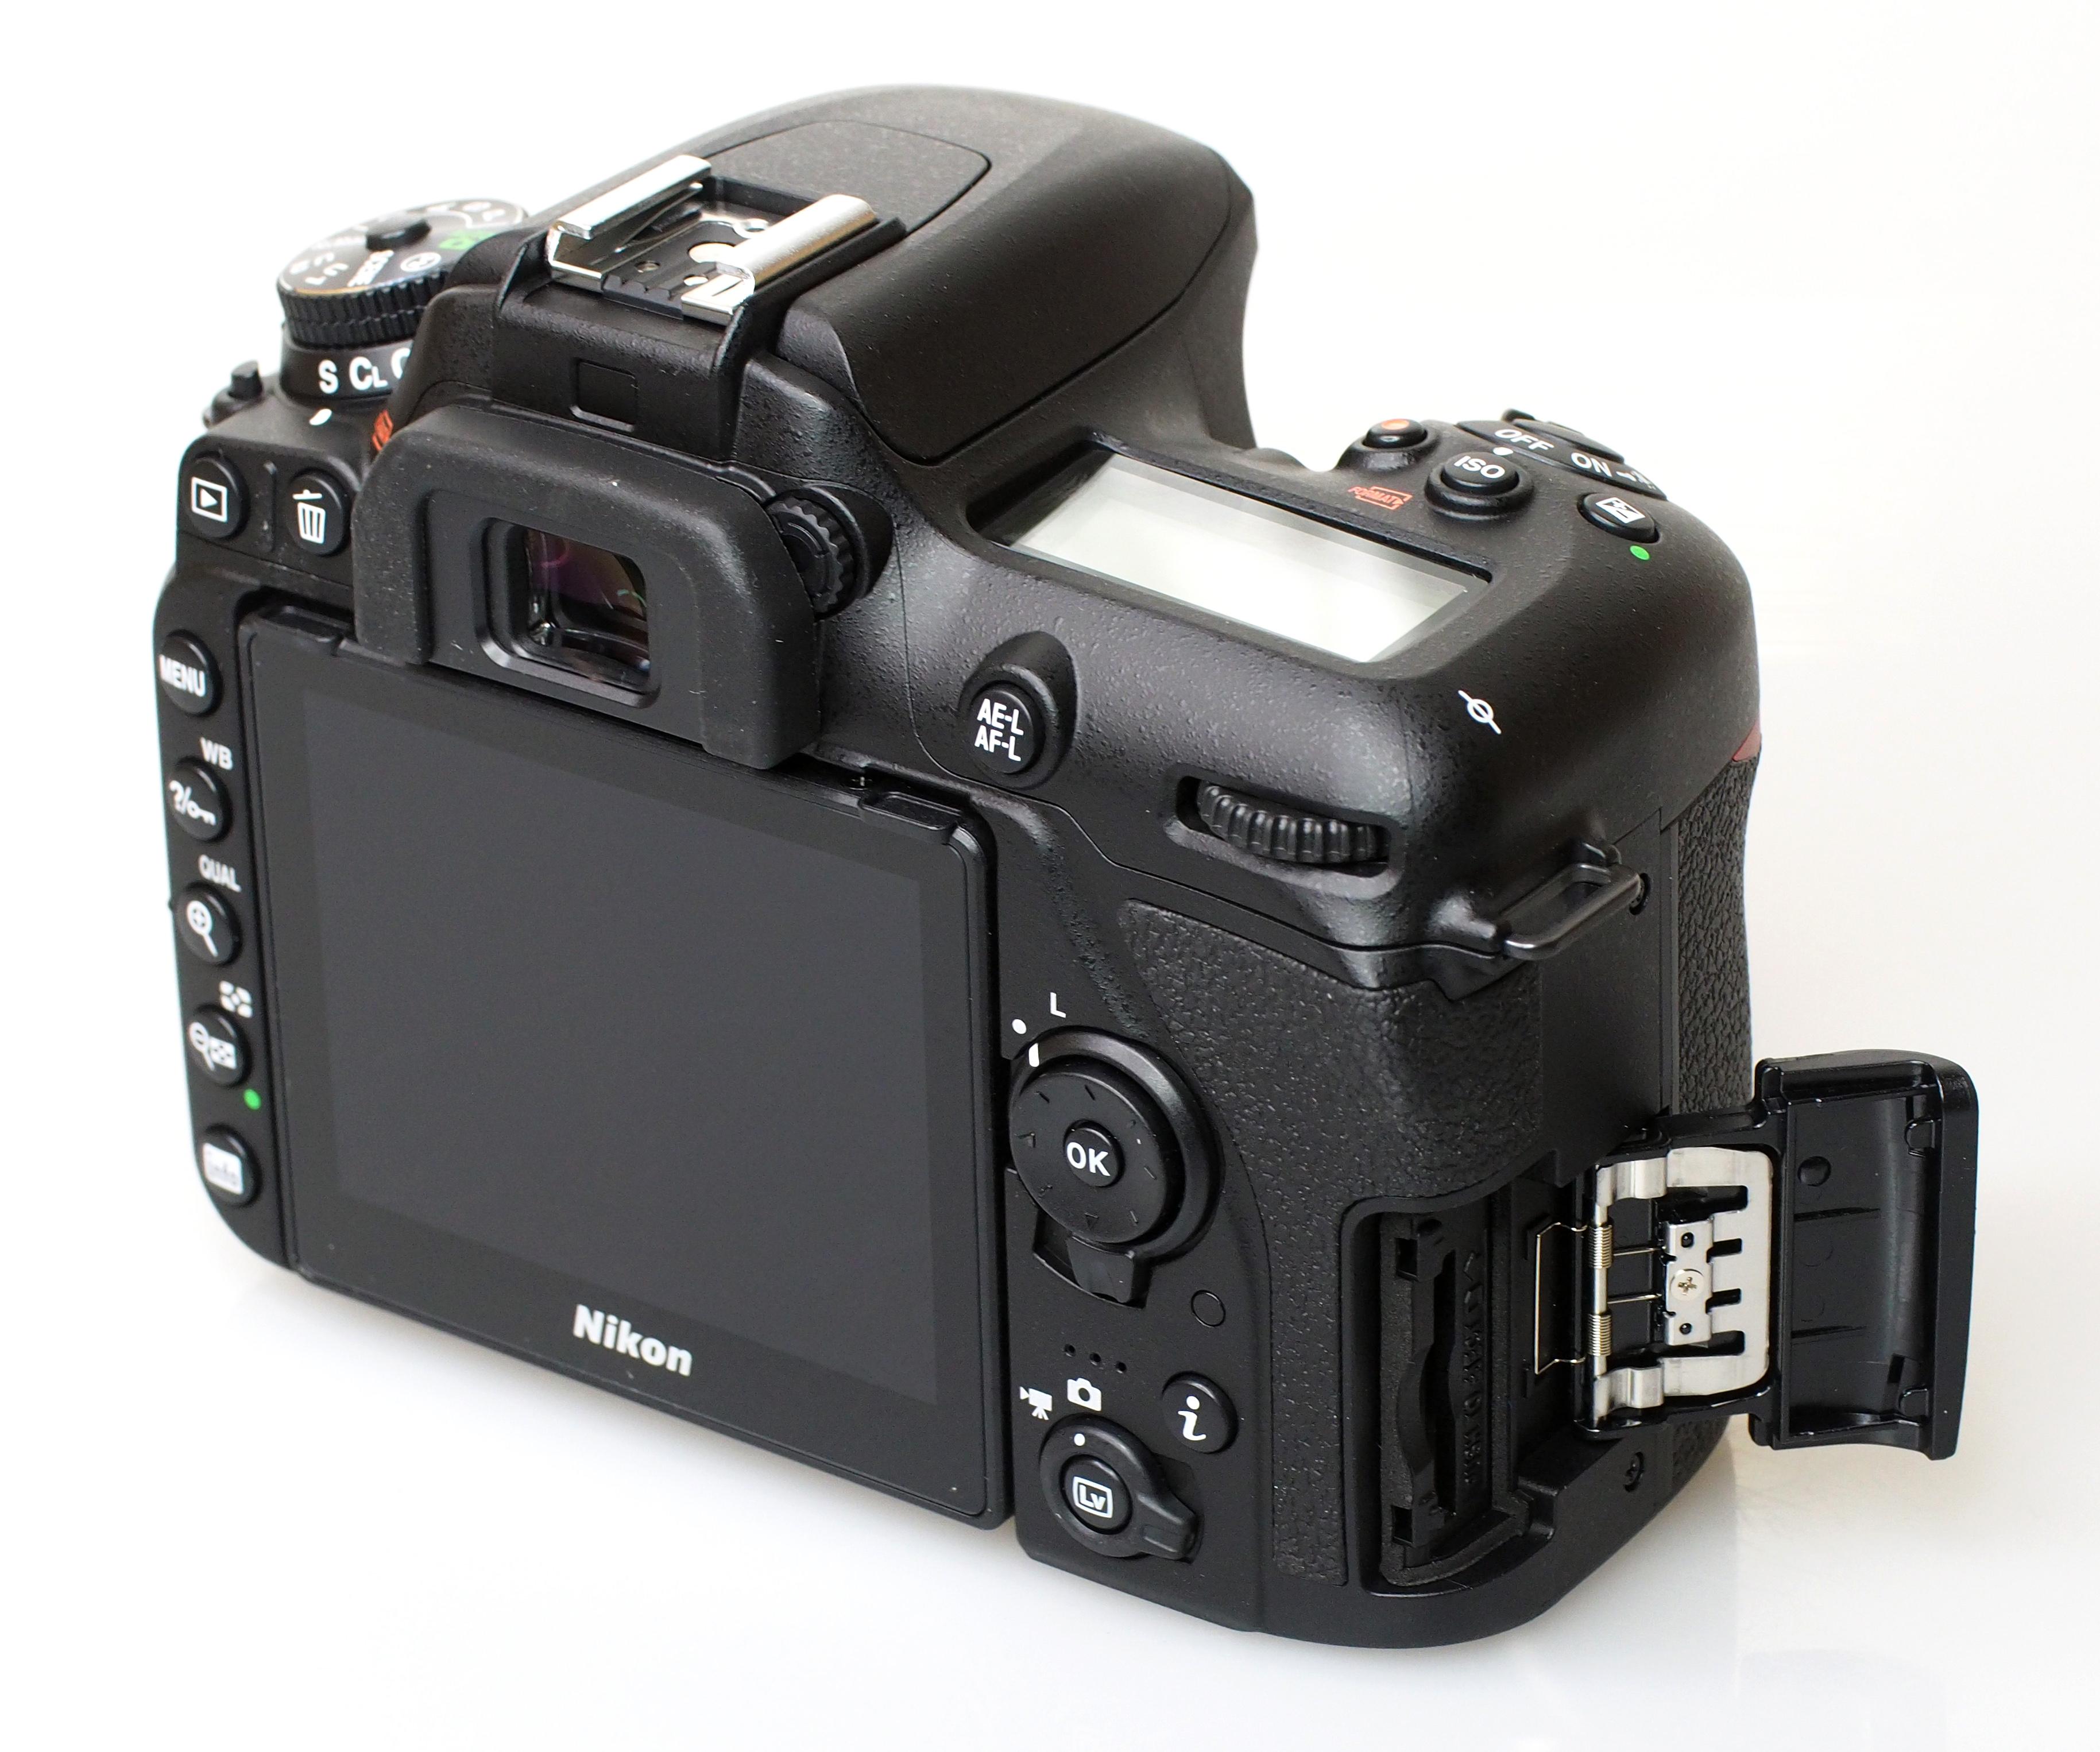 Nikon D7500 Full Review | ePHOTOzine